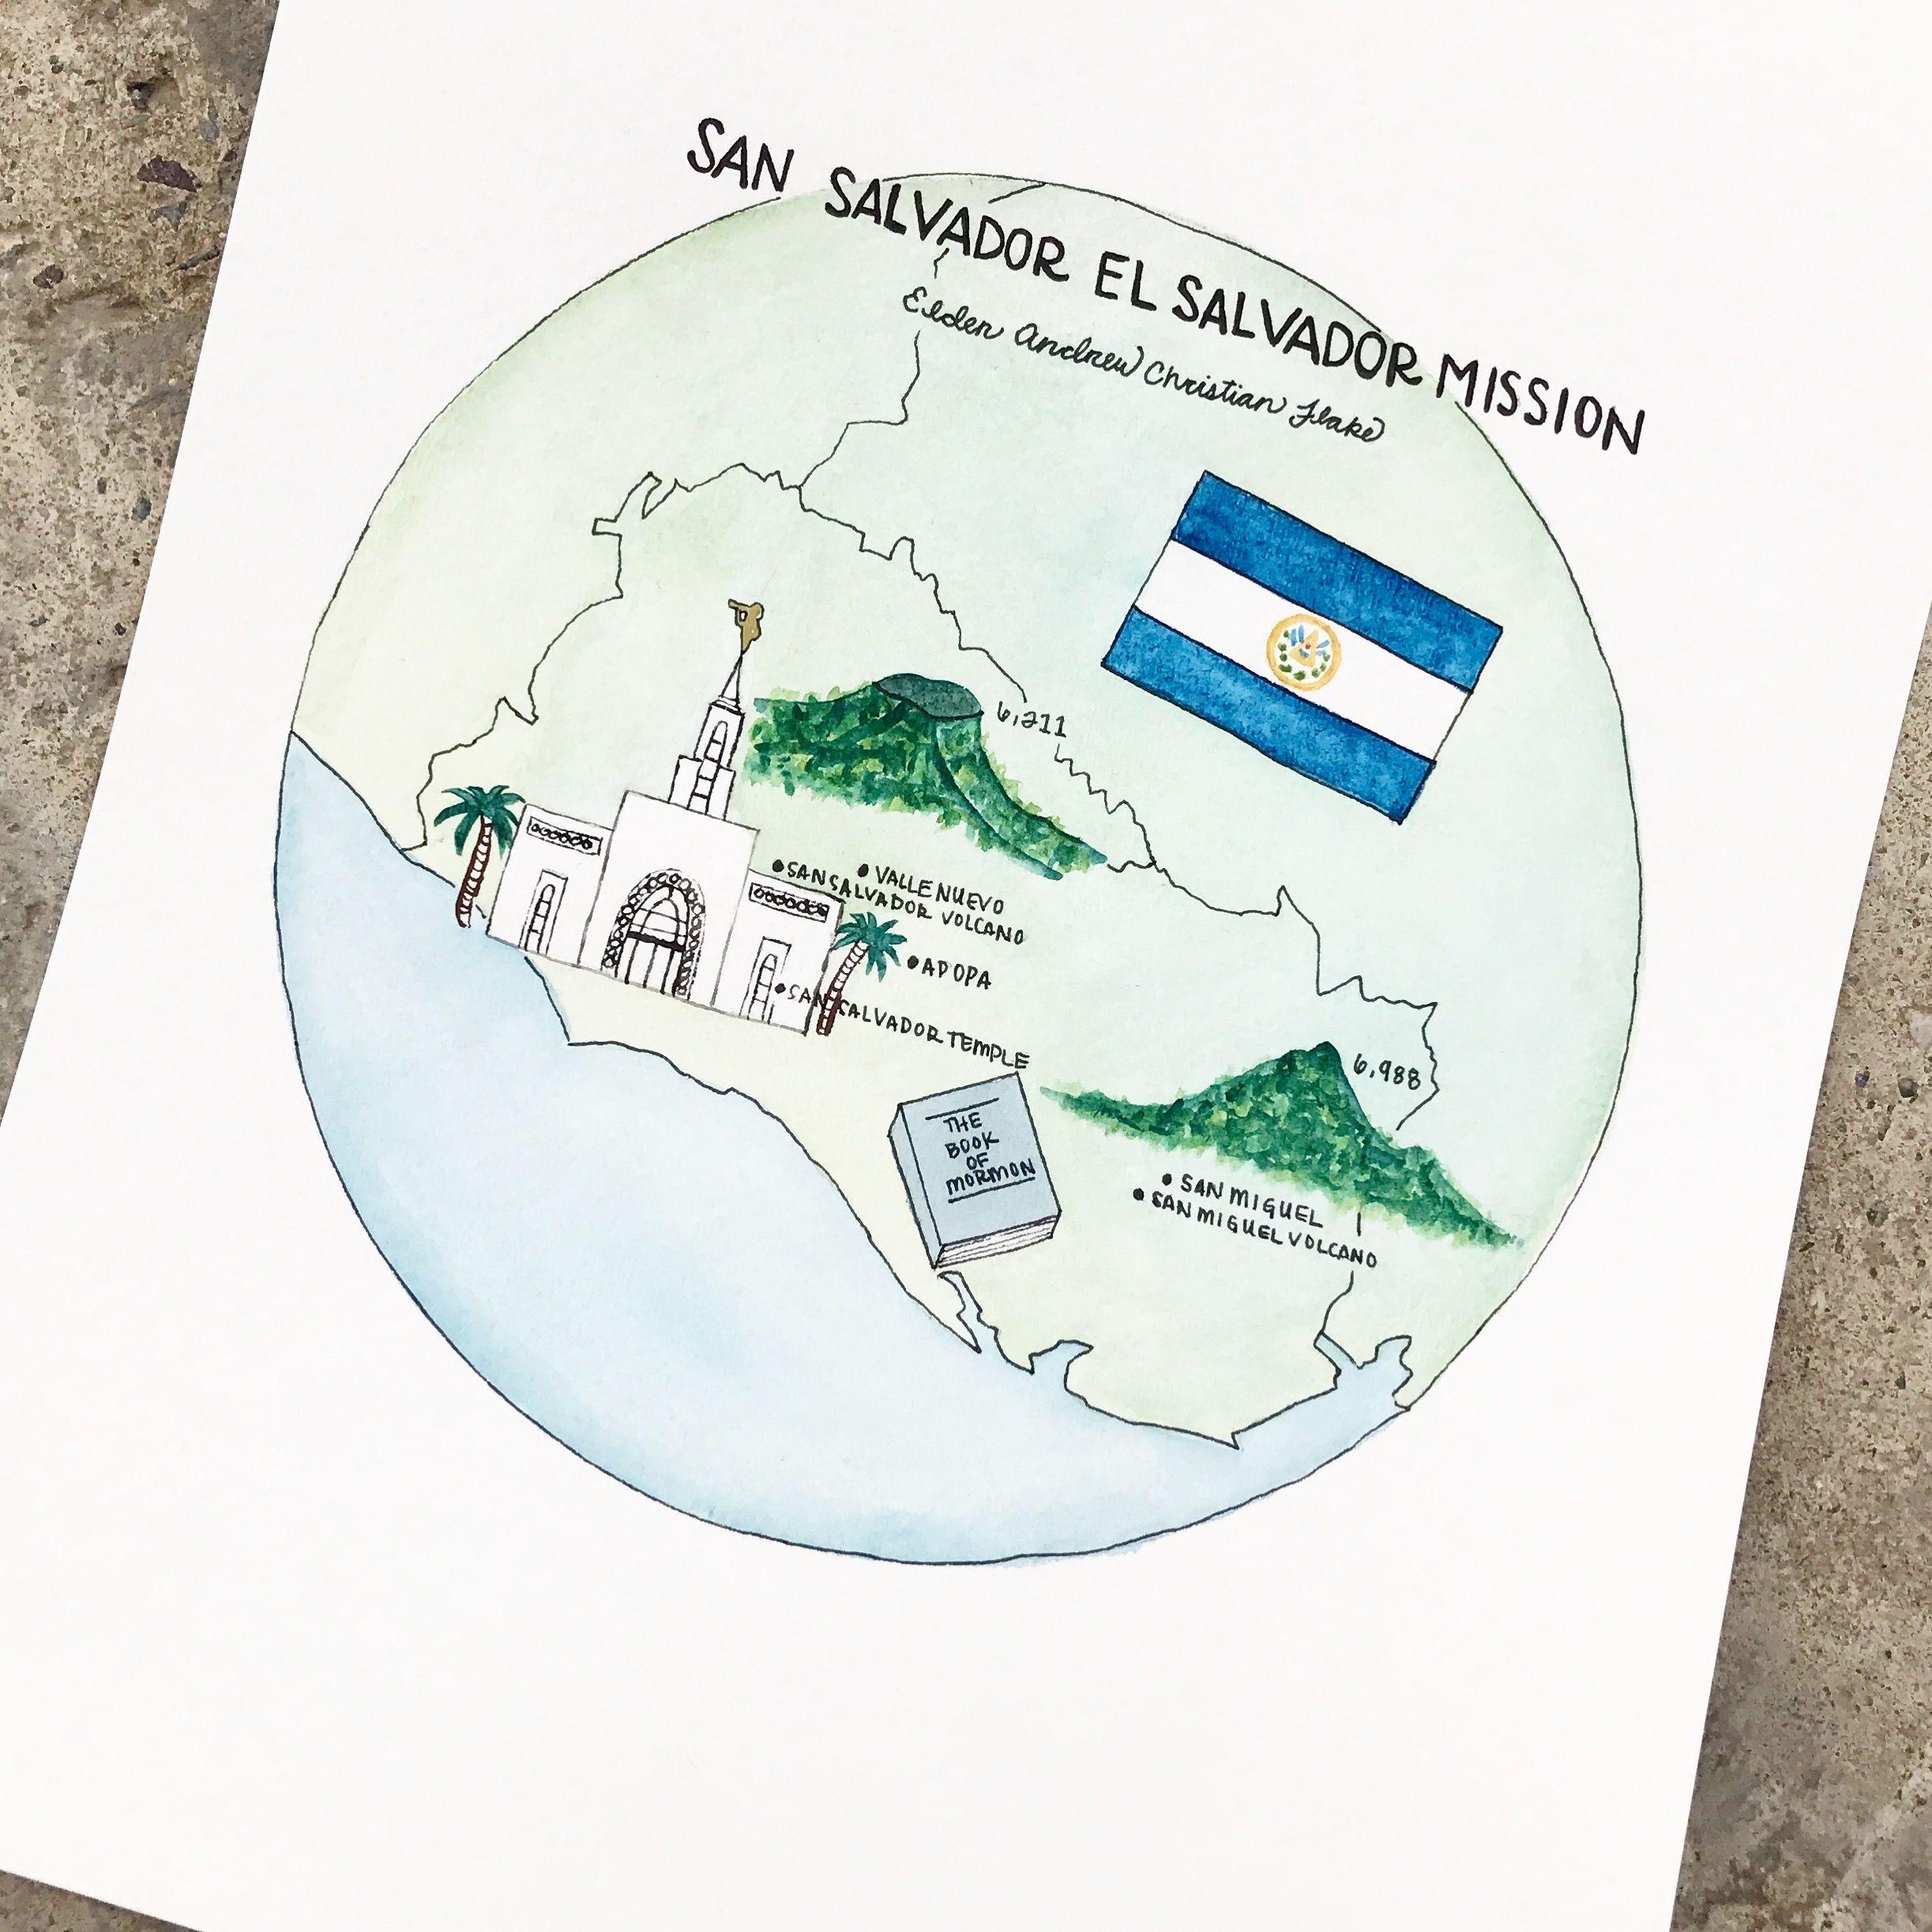 Watercolor of El Salvador mission @every_hue instagram